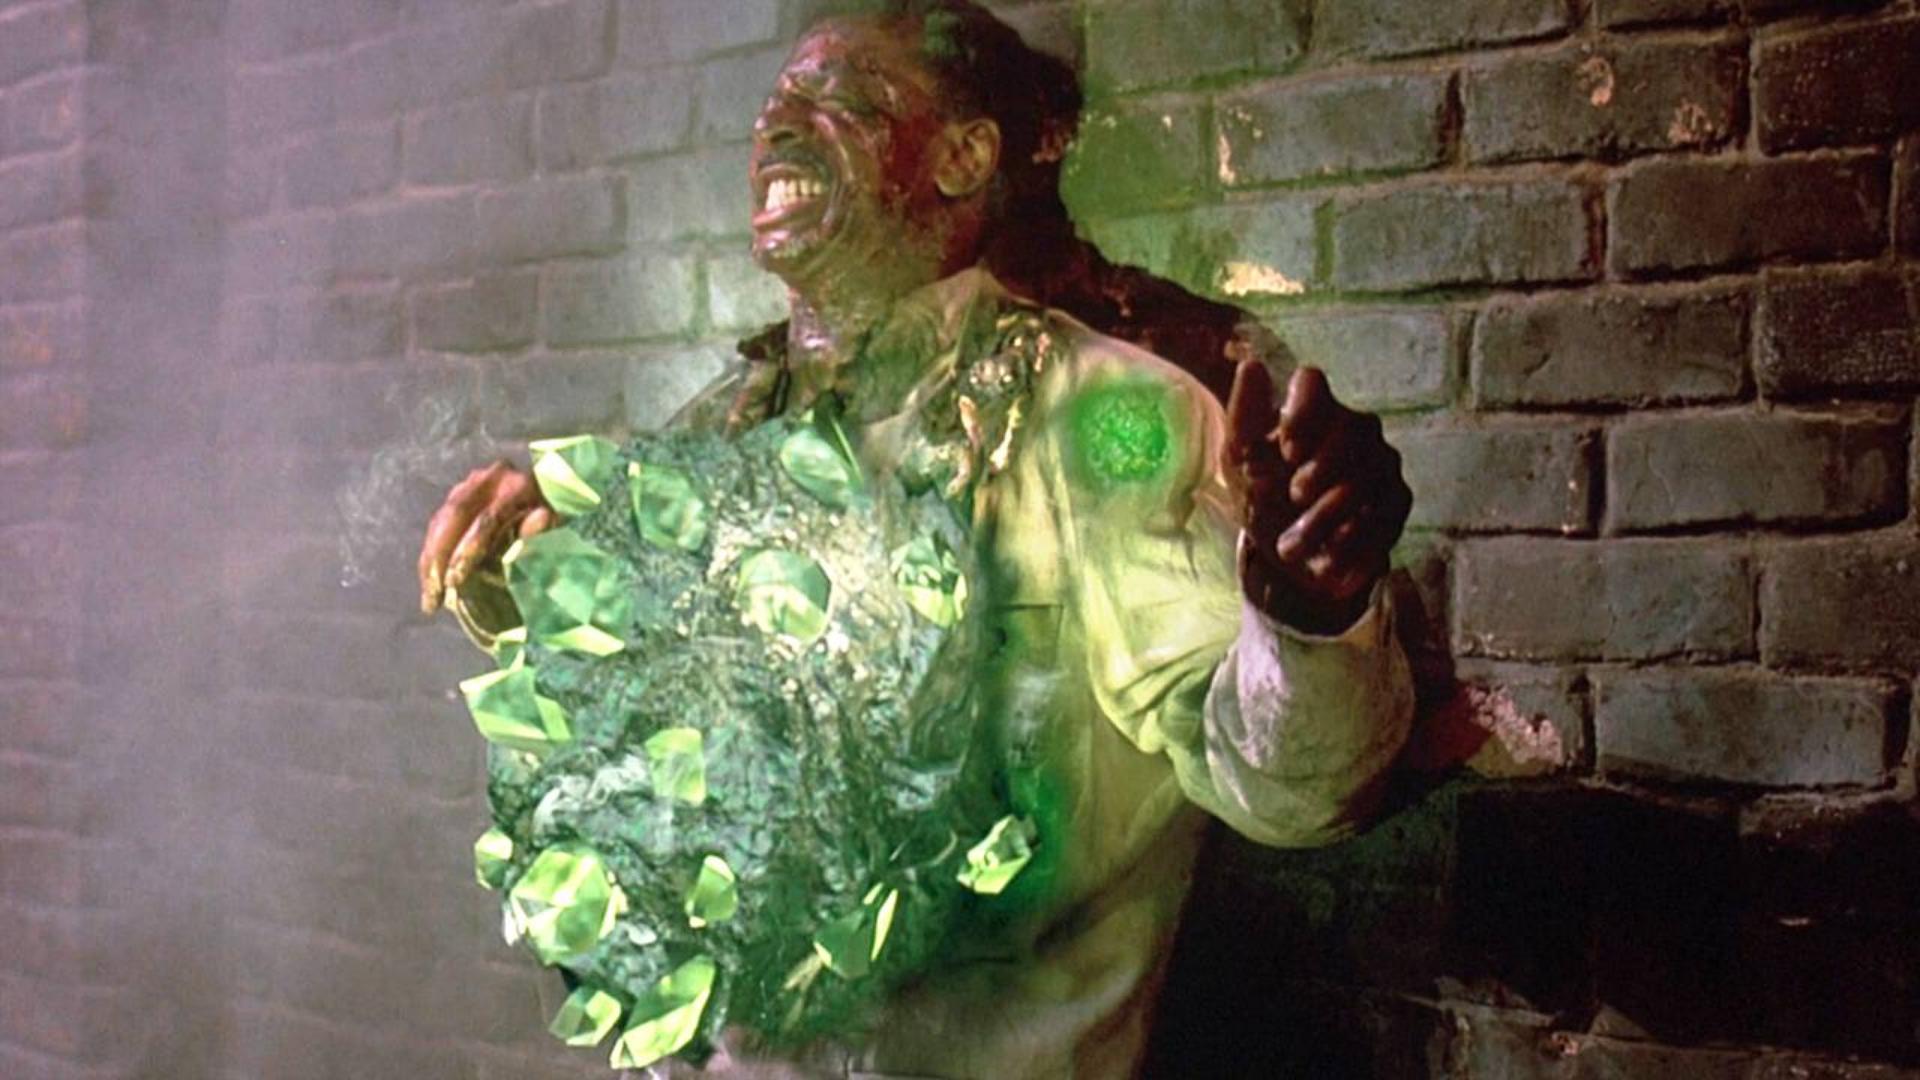 小伙被天外陨石砸中,身体发生了巨变,从此获得了神奇超能力!速看科幻喜剧电影《流星侠》